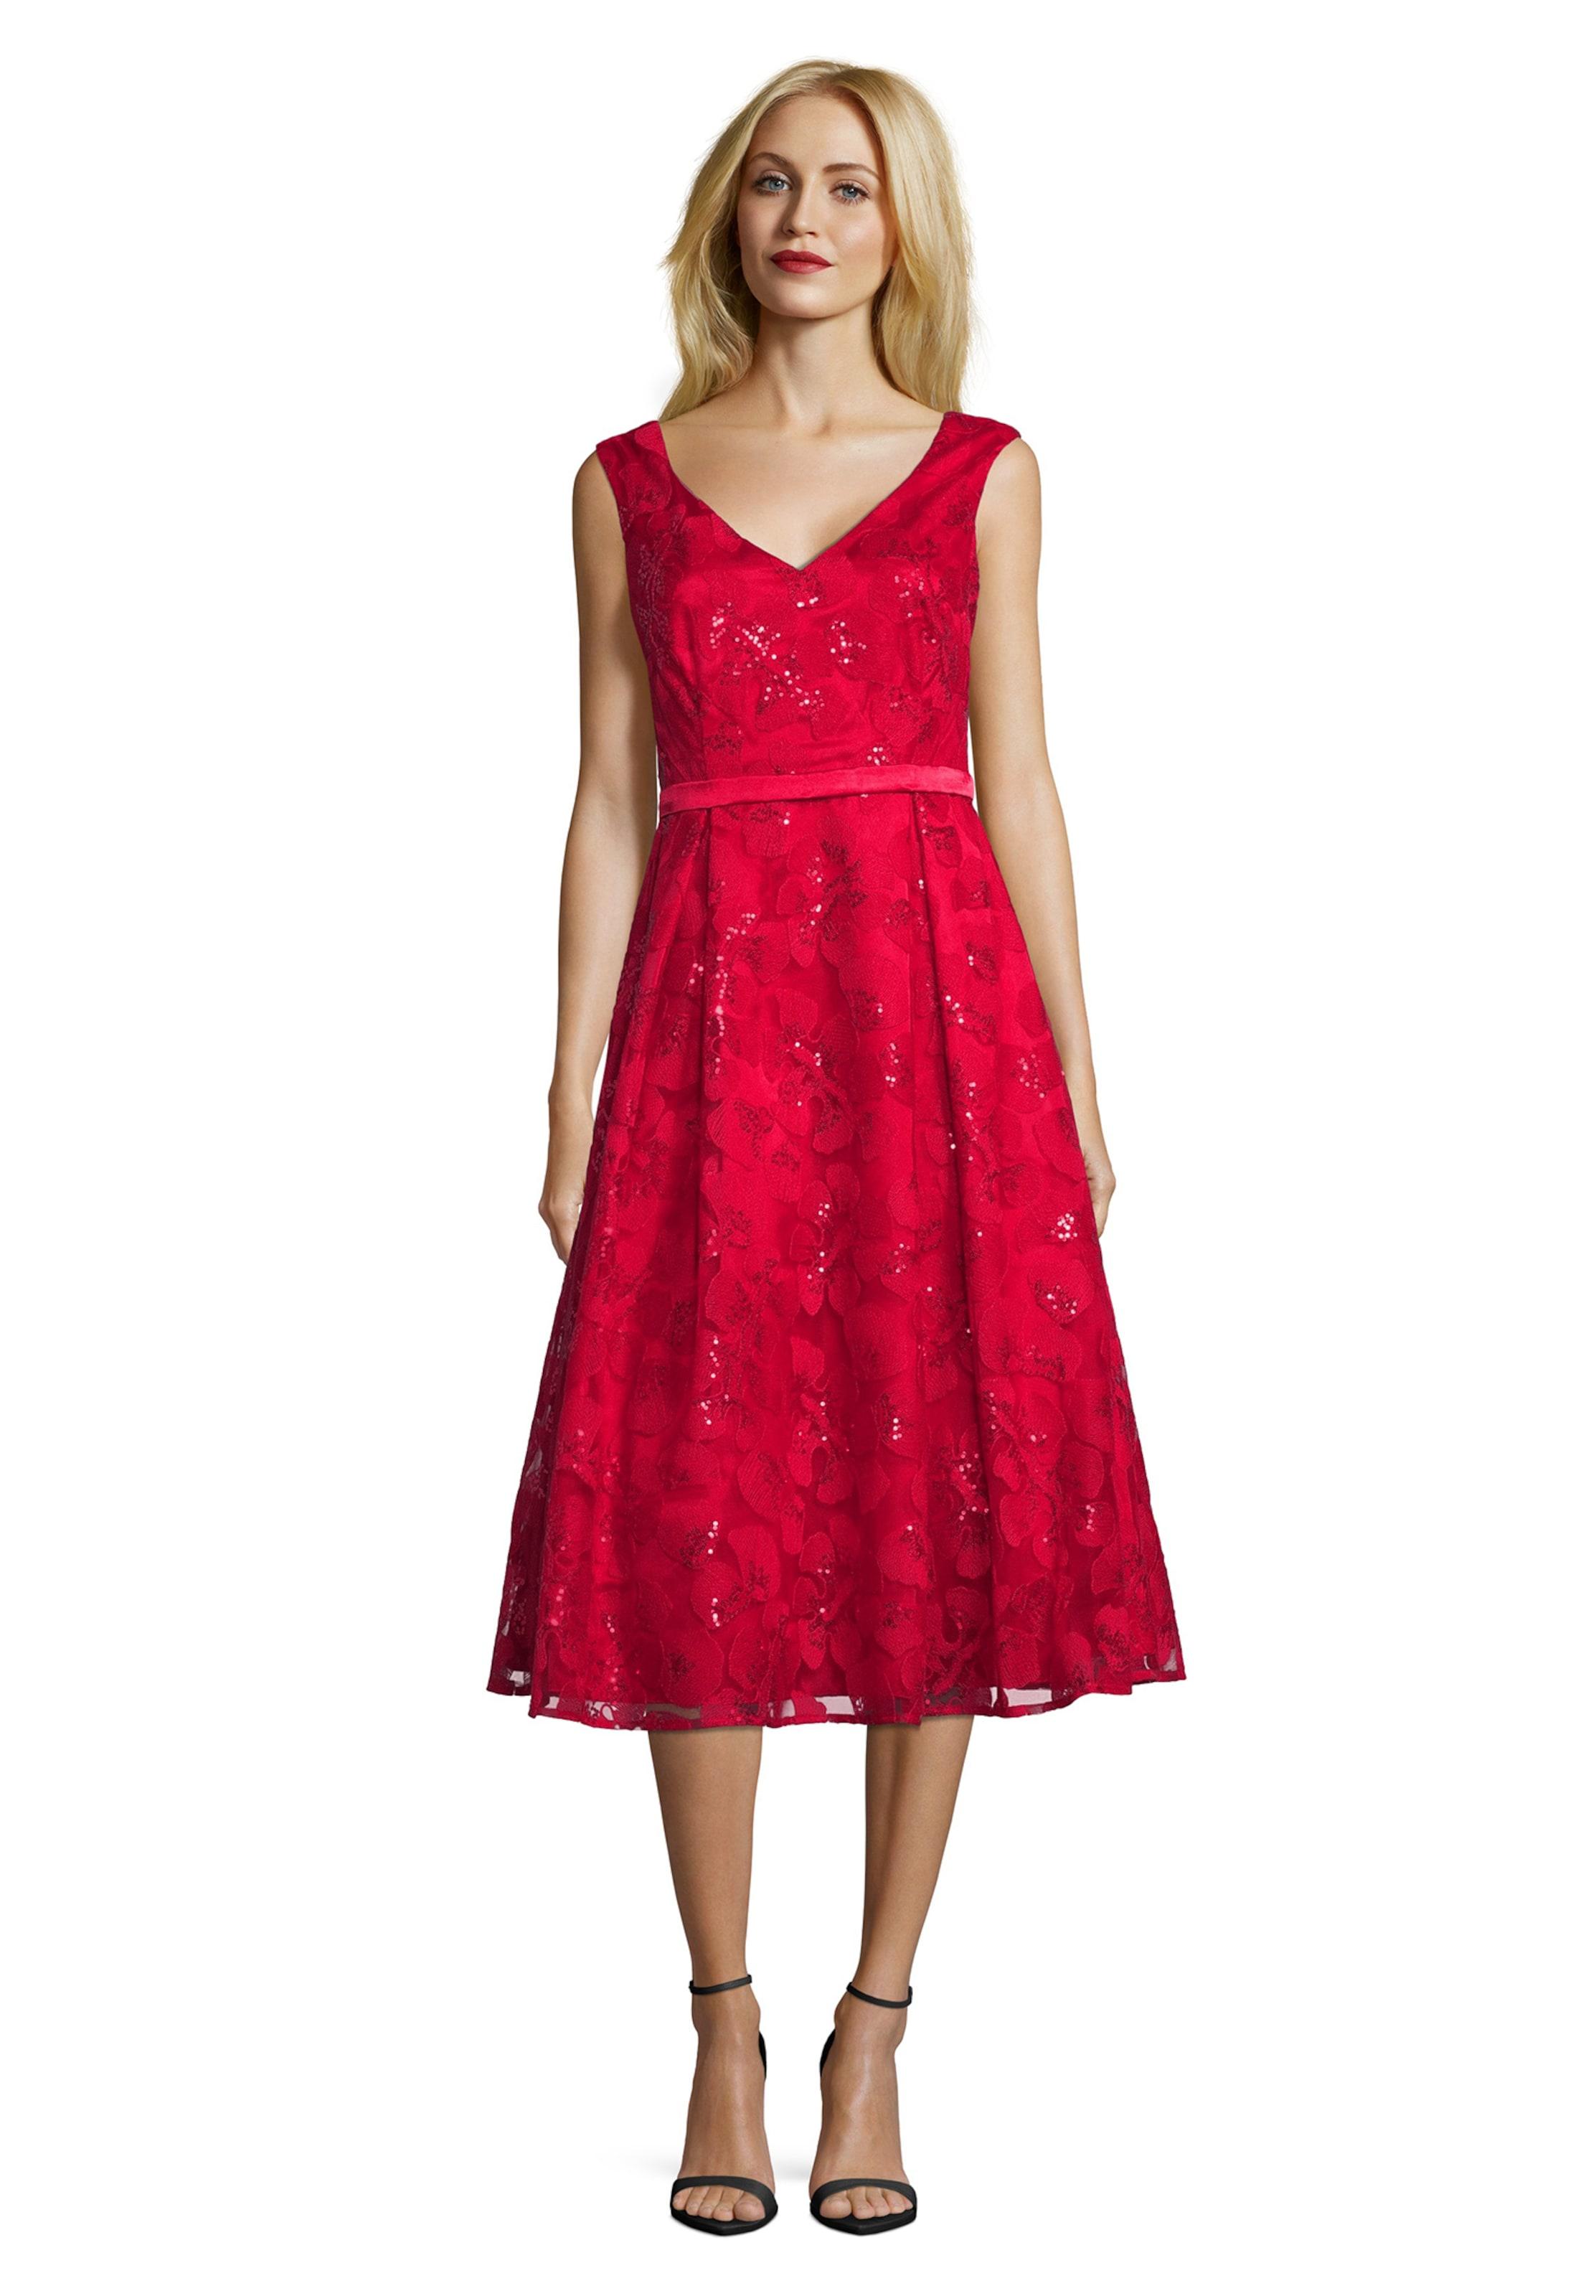 Mit Pailletten Mont Abendkleid Rot Vera In VpGSUMqz